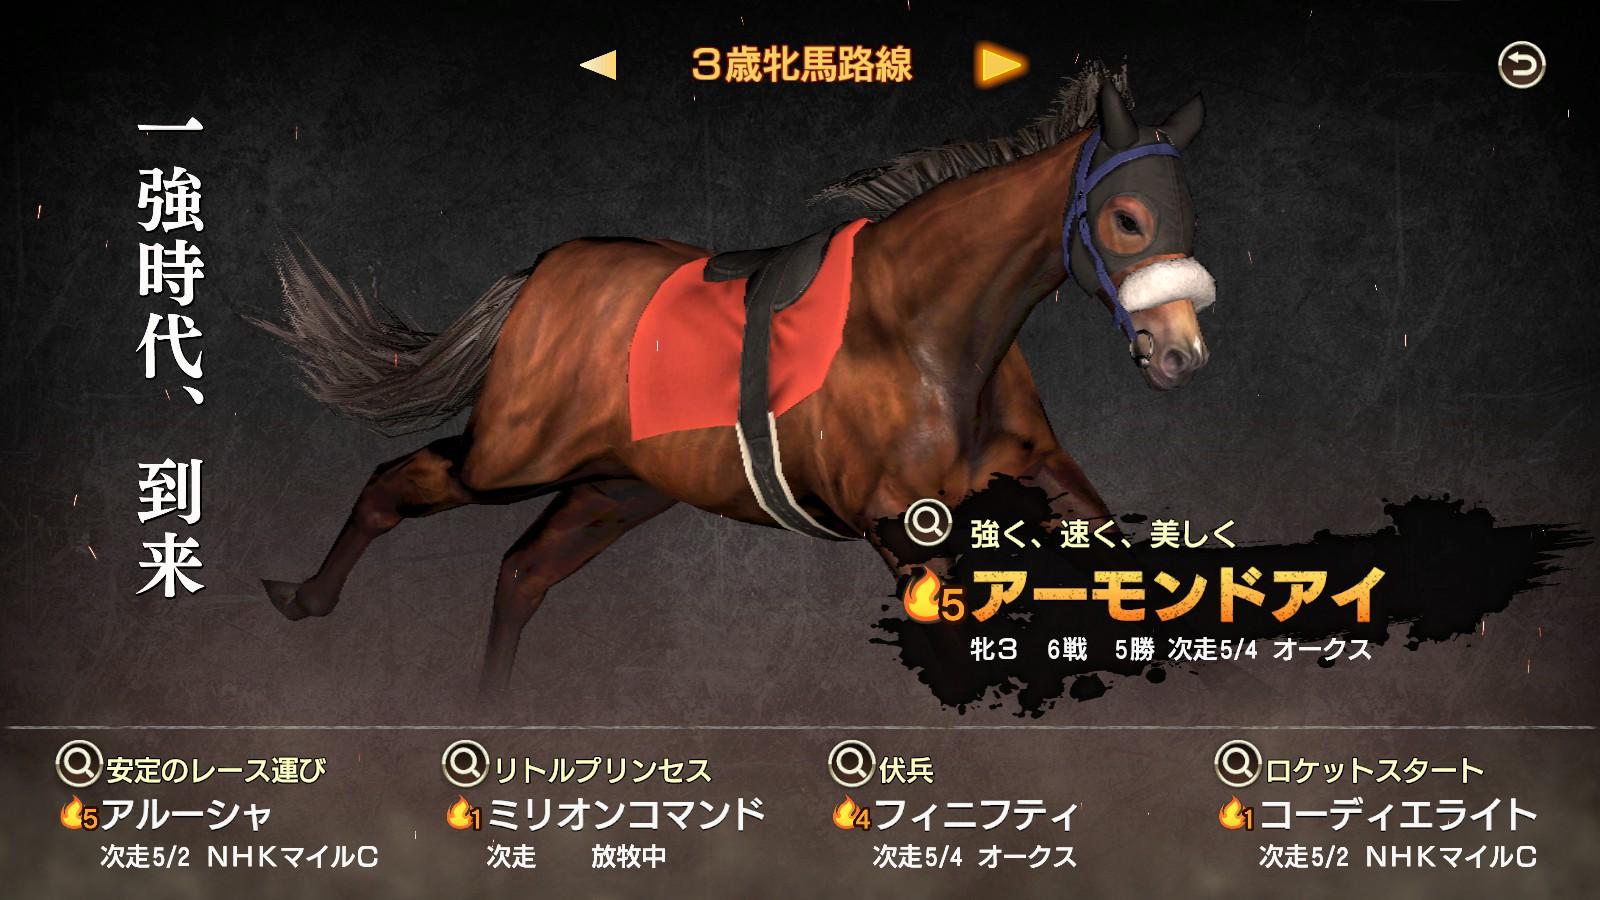 【競馬ゲーム】ウイニングポスト8 ...